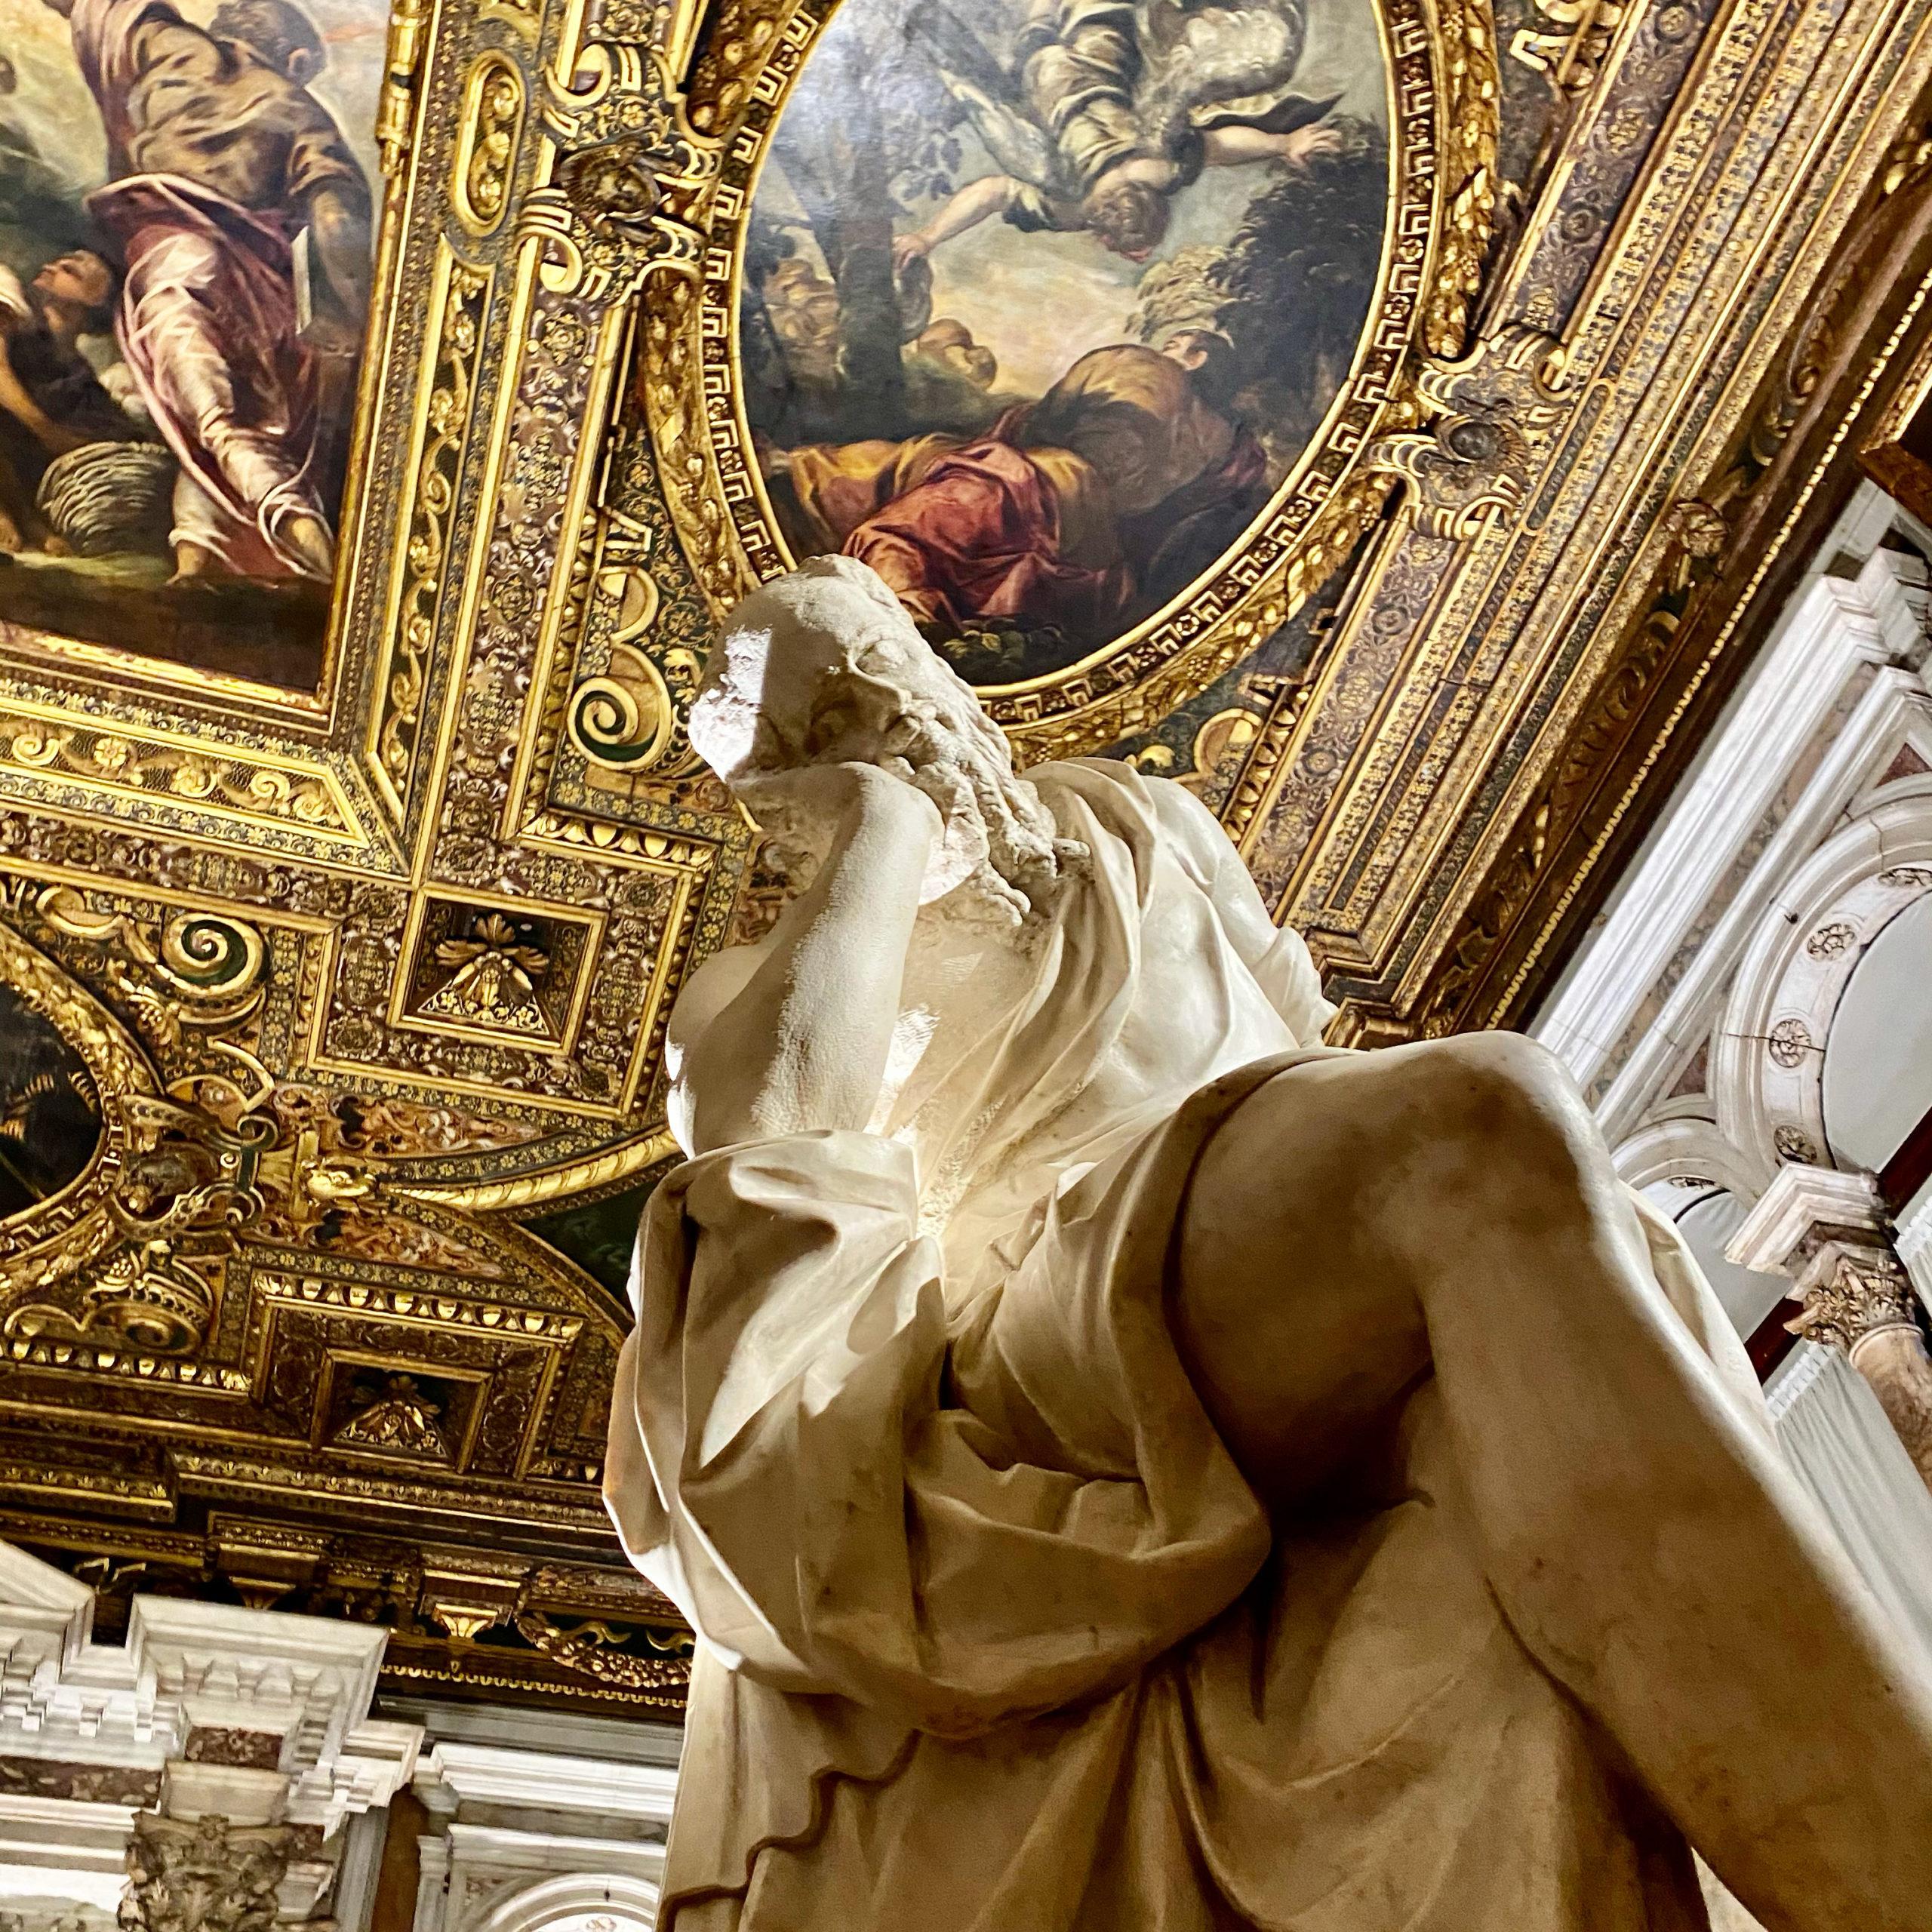 Scuola Grande di San Rocco extraordinary opening